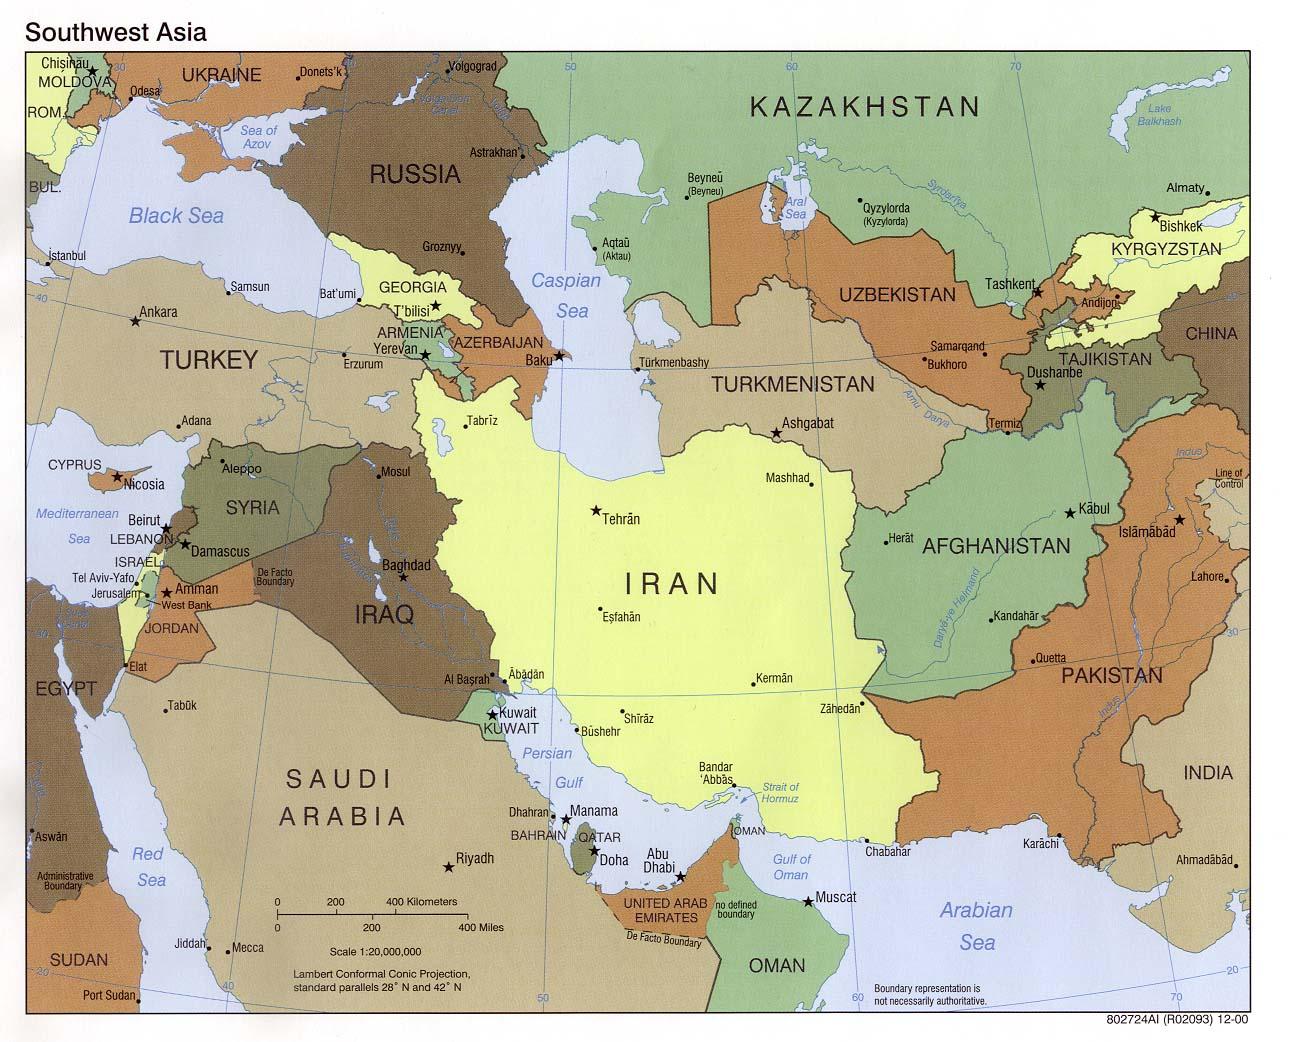 Mapa Politico del Suroeste Asiático 2000